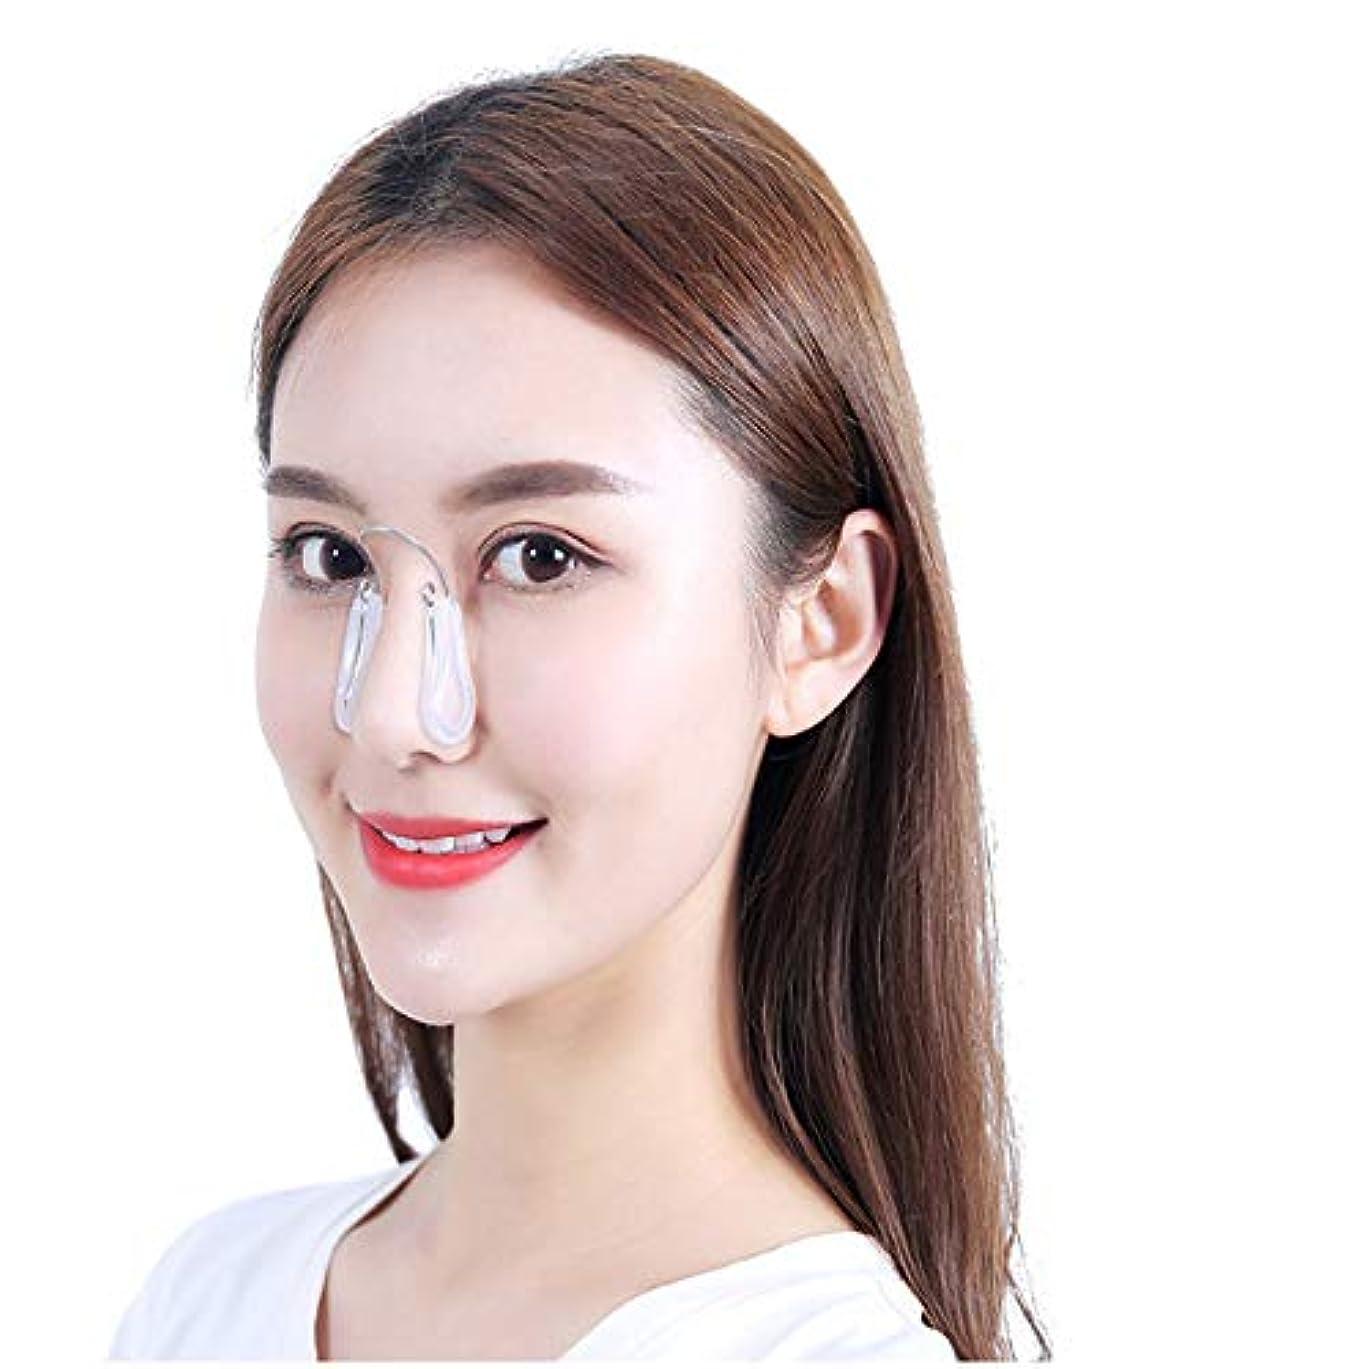 支給内訳繁栄するGOIOD 美鼻ケア 鼻 人工鼻 増強美容 鼻のデバイスシリコンクリップ 鼻筋矯正 簡単美鼻ケア